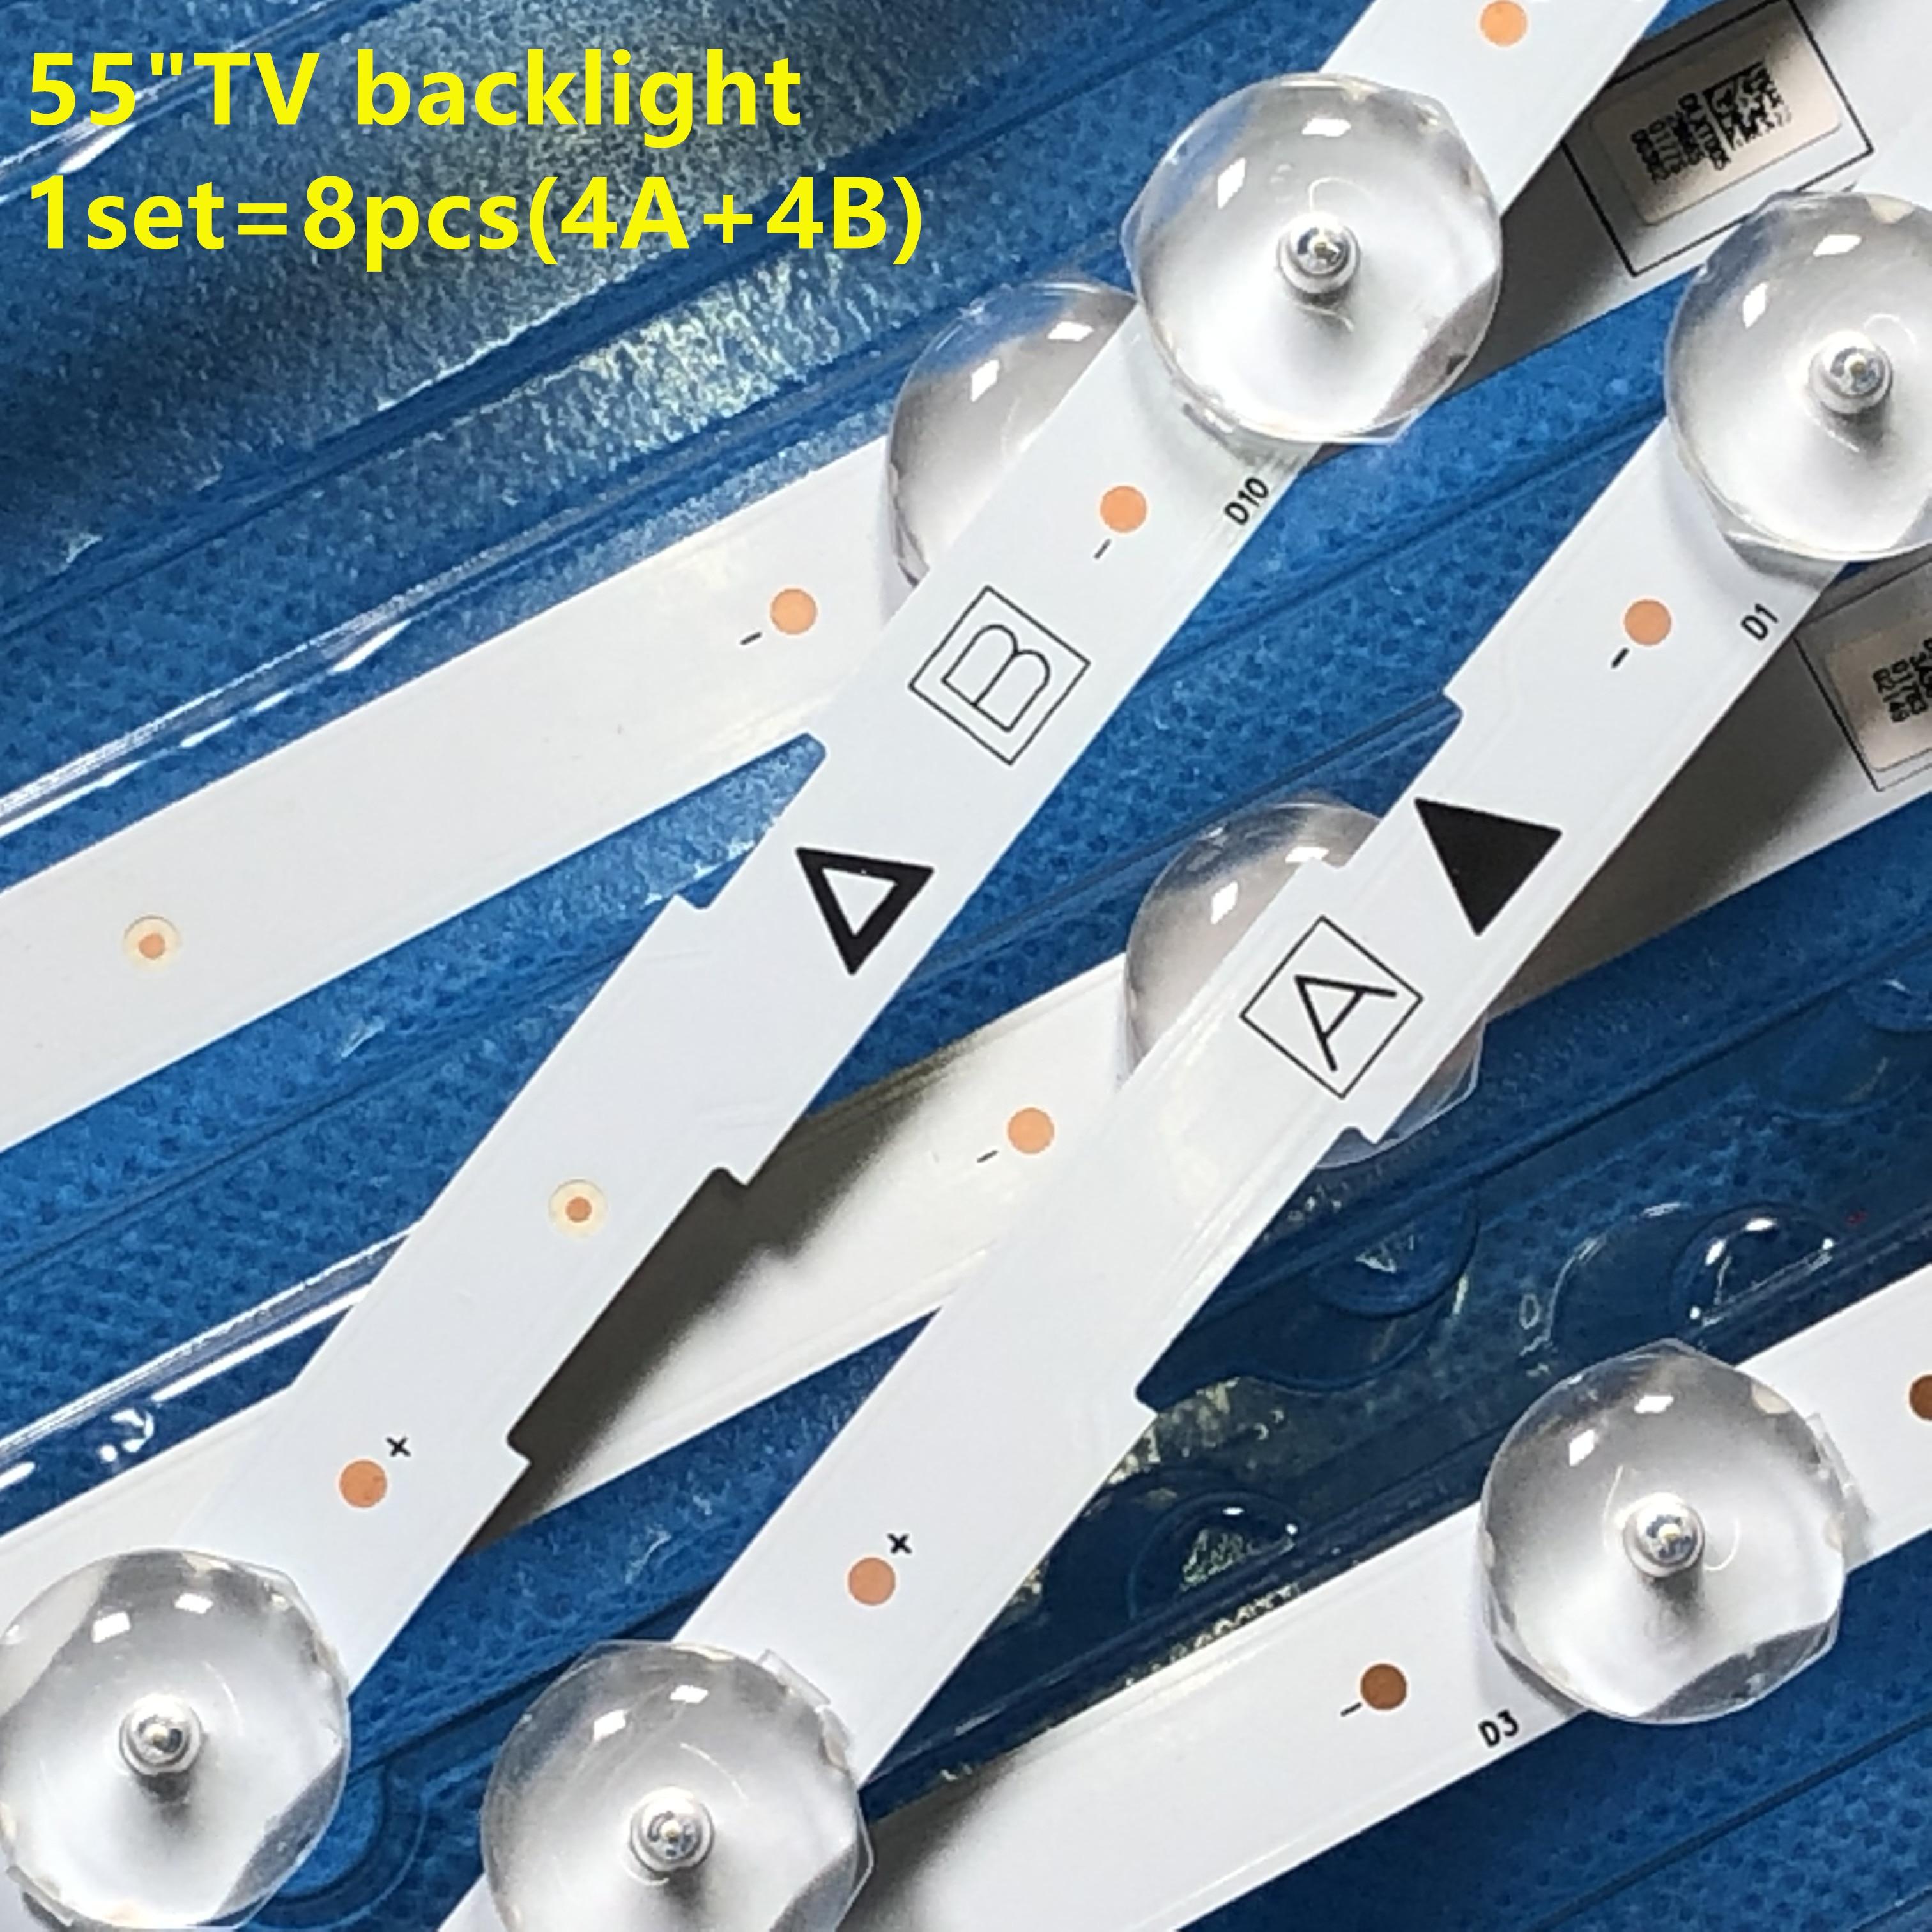 New Kit 8PCS(4A+4B)  LED backlight strip for 55PFL5601 55W5S1P 55W6S1P LB55084 VDULEDLXT006 VDULEDLX